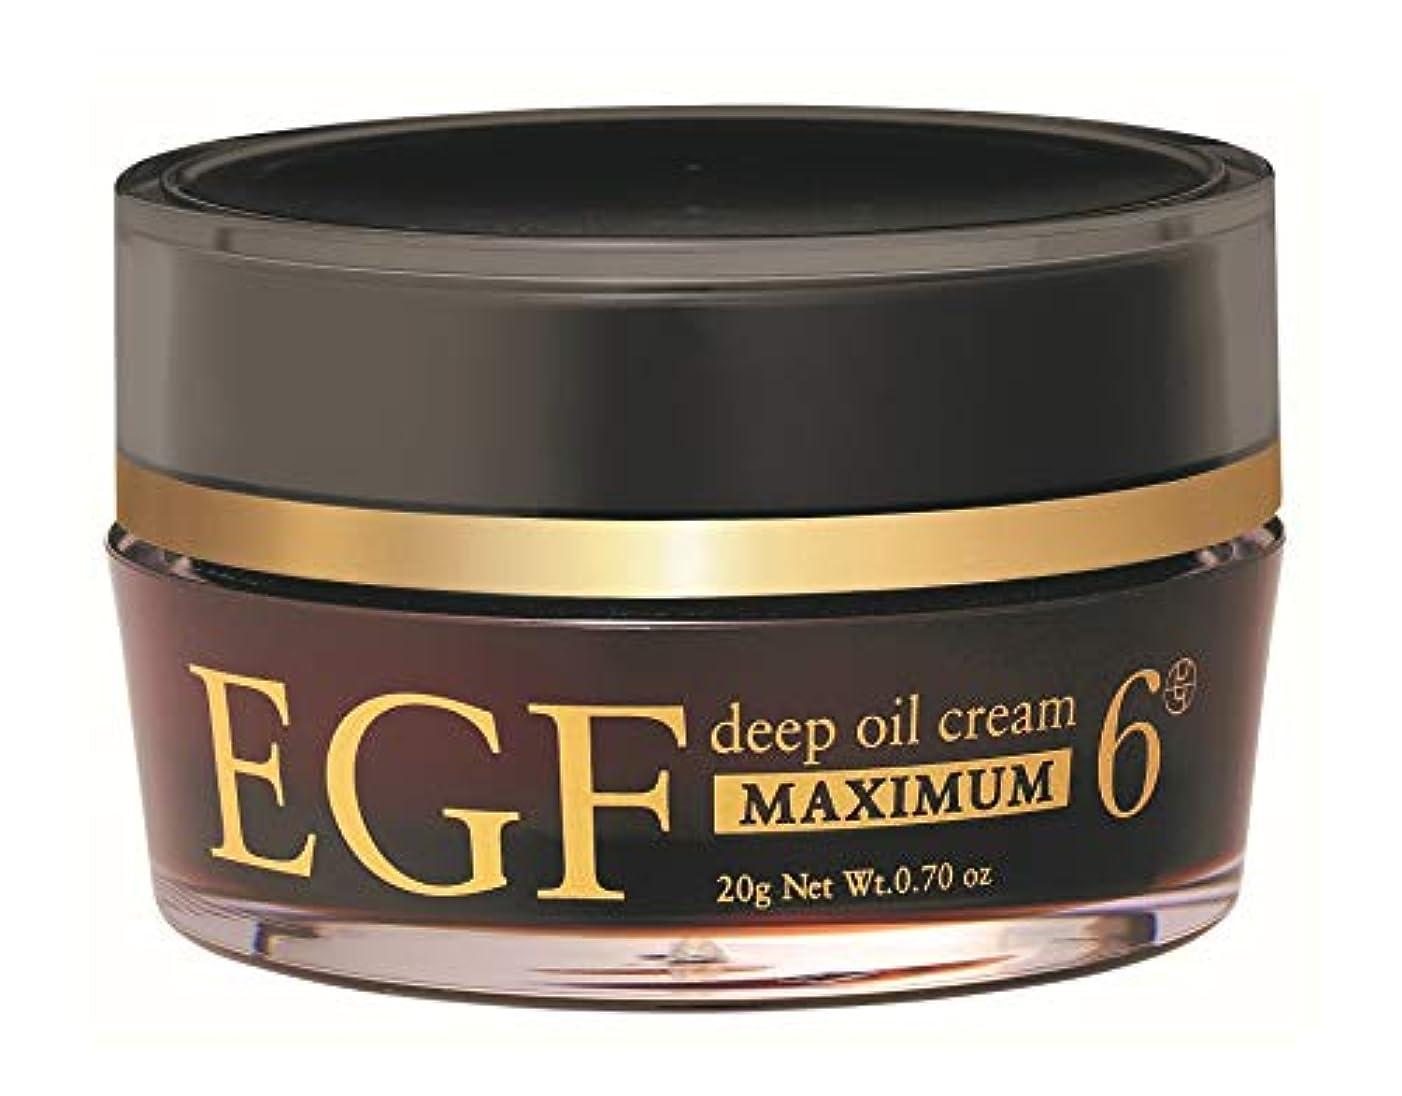 ポジティブ荷物ベリーEGF ディープオイルクリーム マキシマム [ 20g / 濃度6µg ] エイジングケア (高濃度EGFクリーム) 日本製